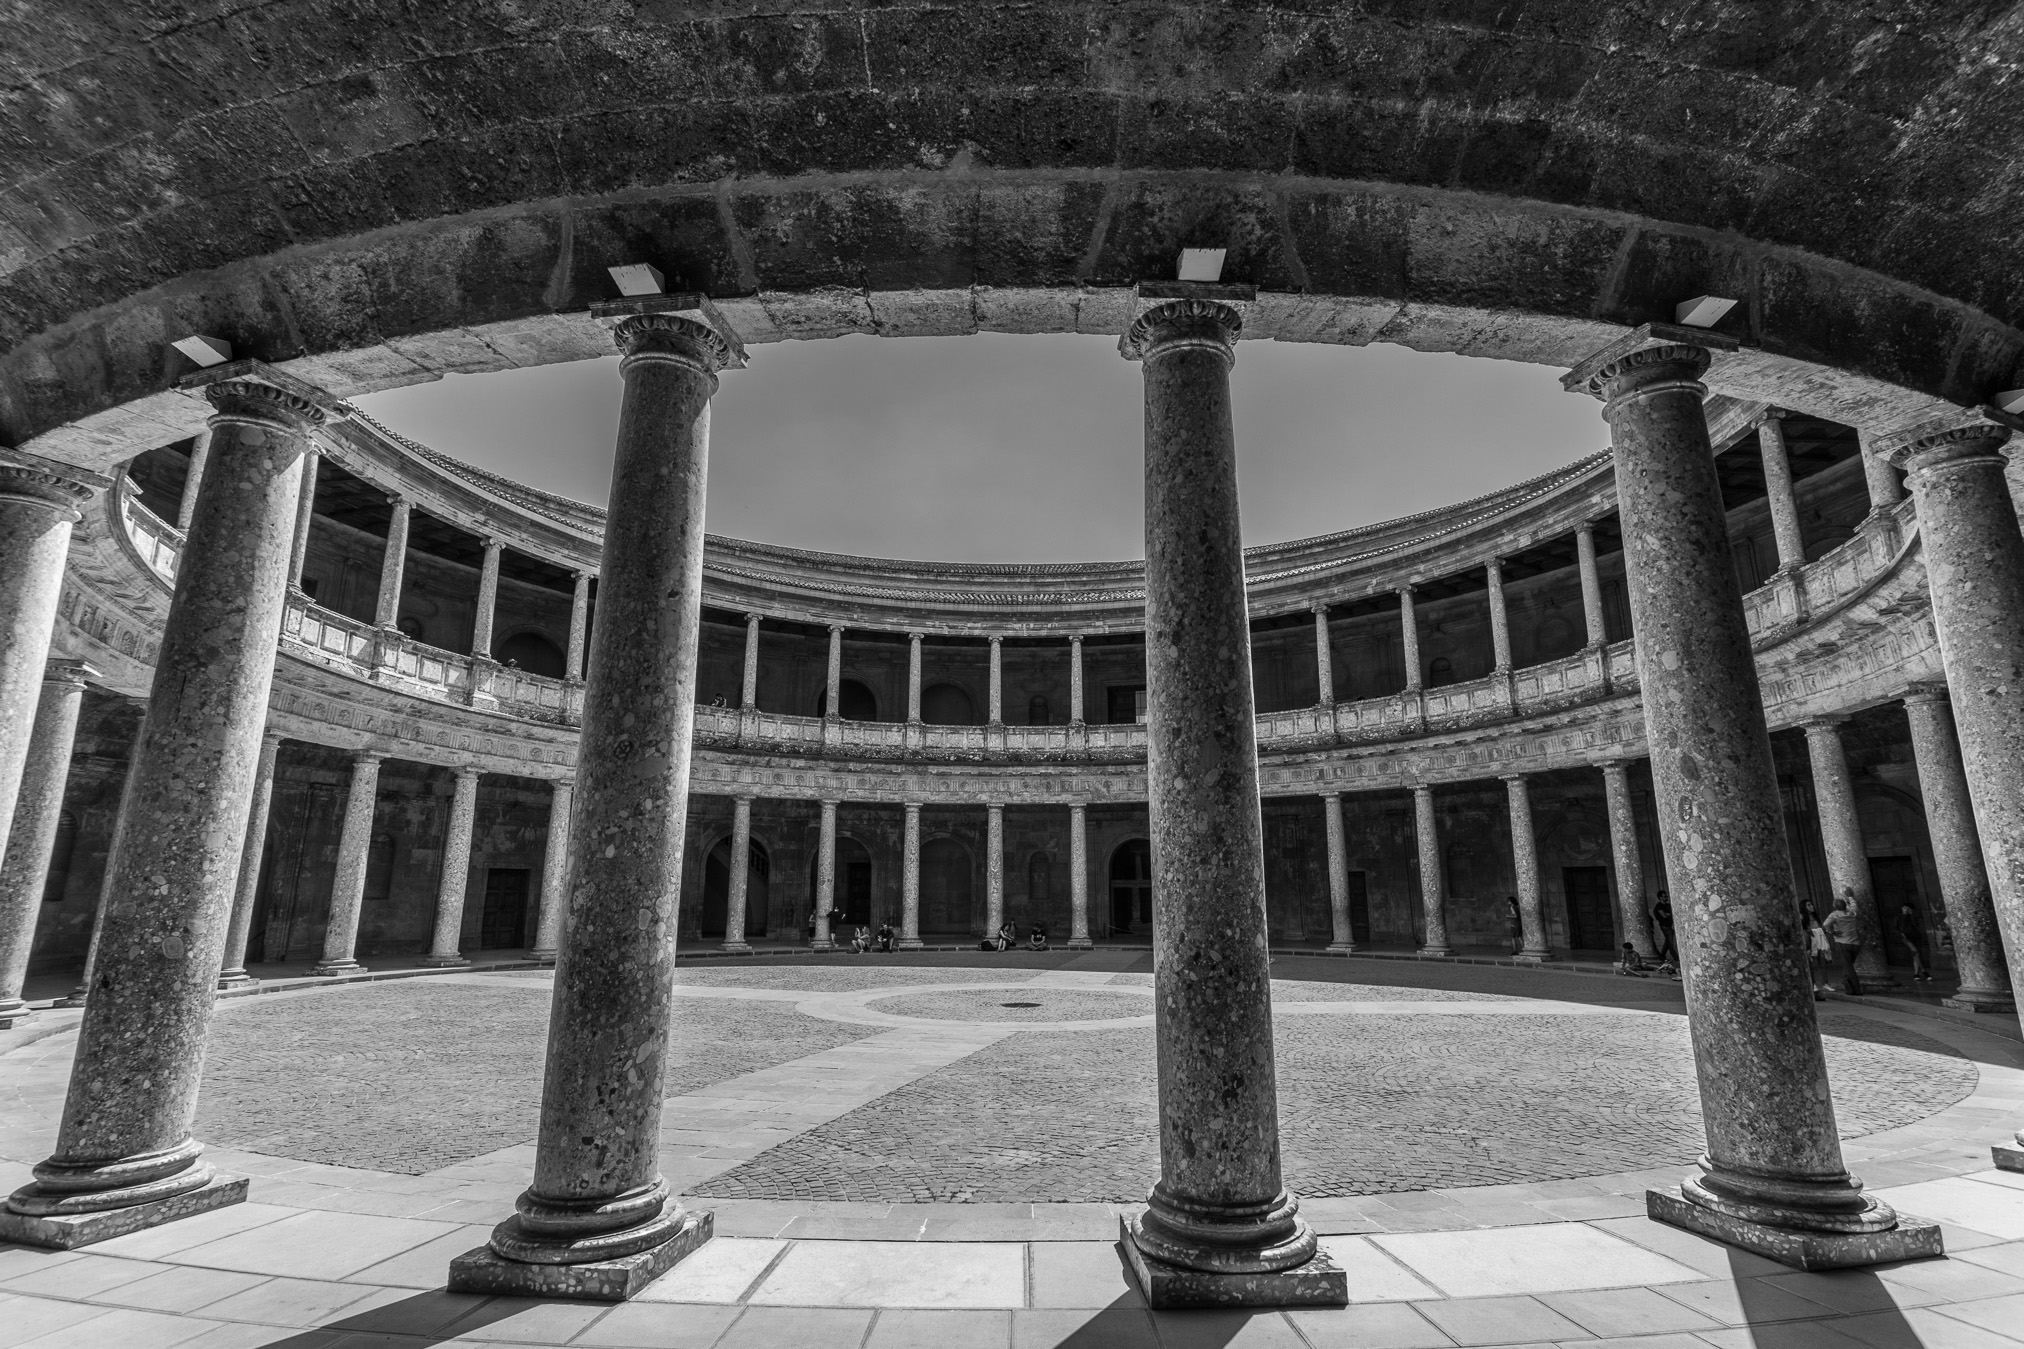 Palacio Real Carlos V, La Alhambra